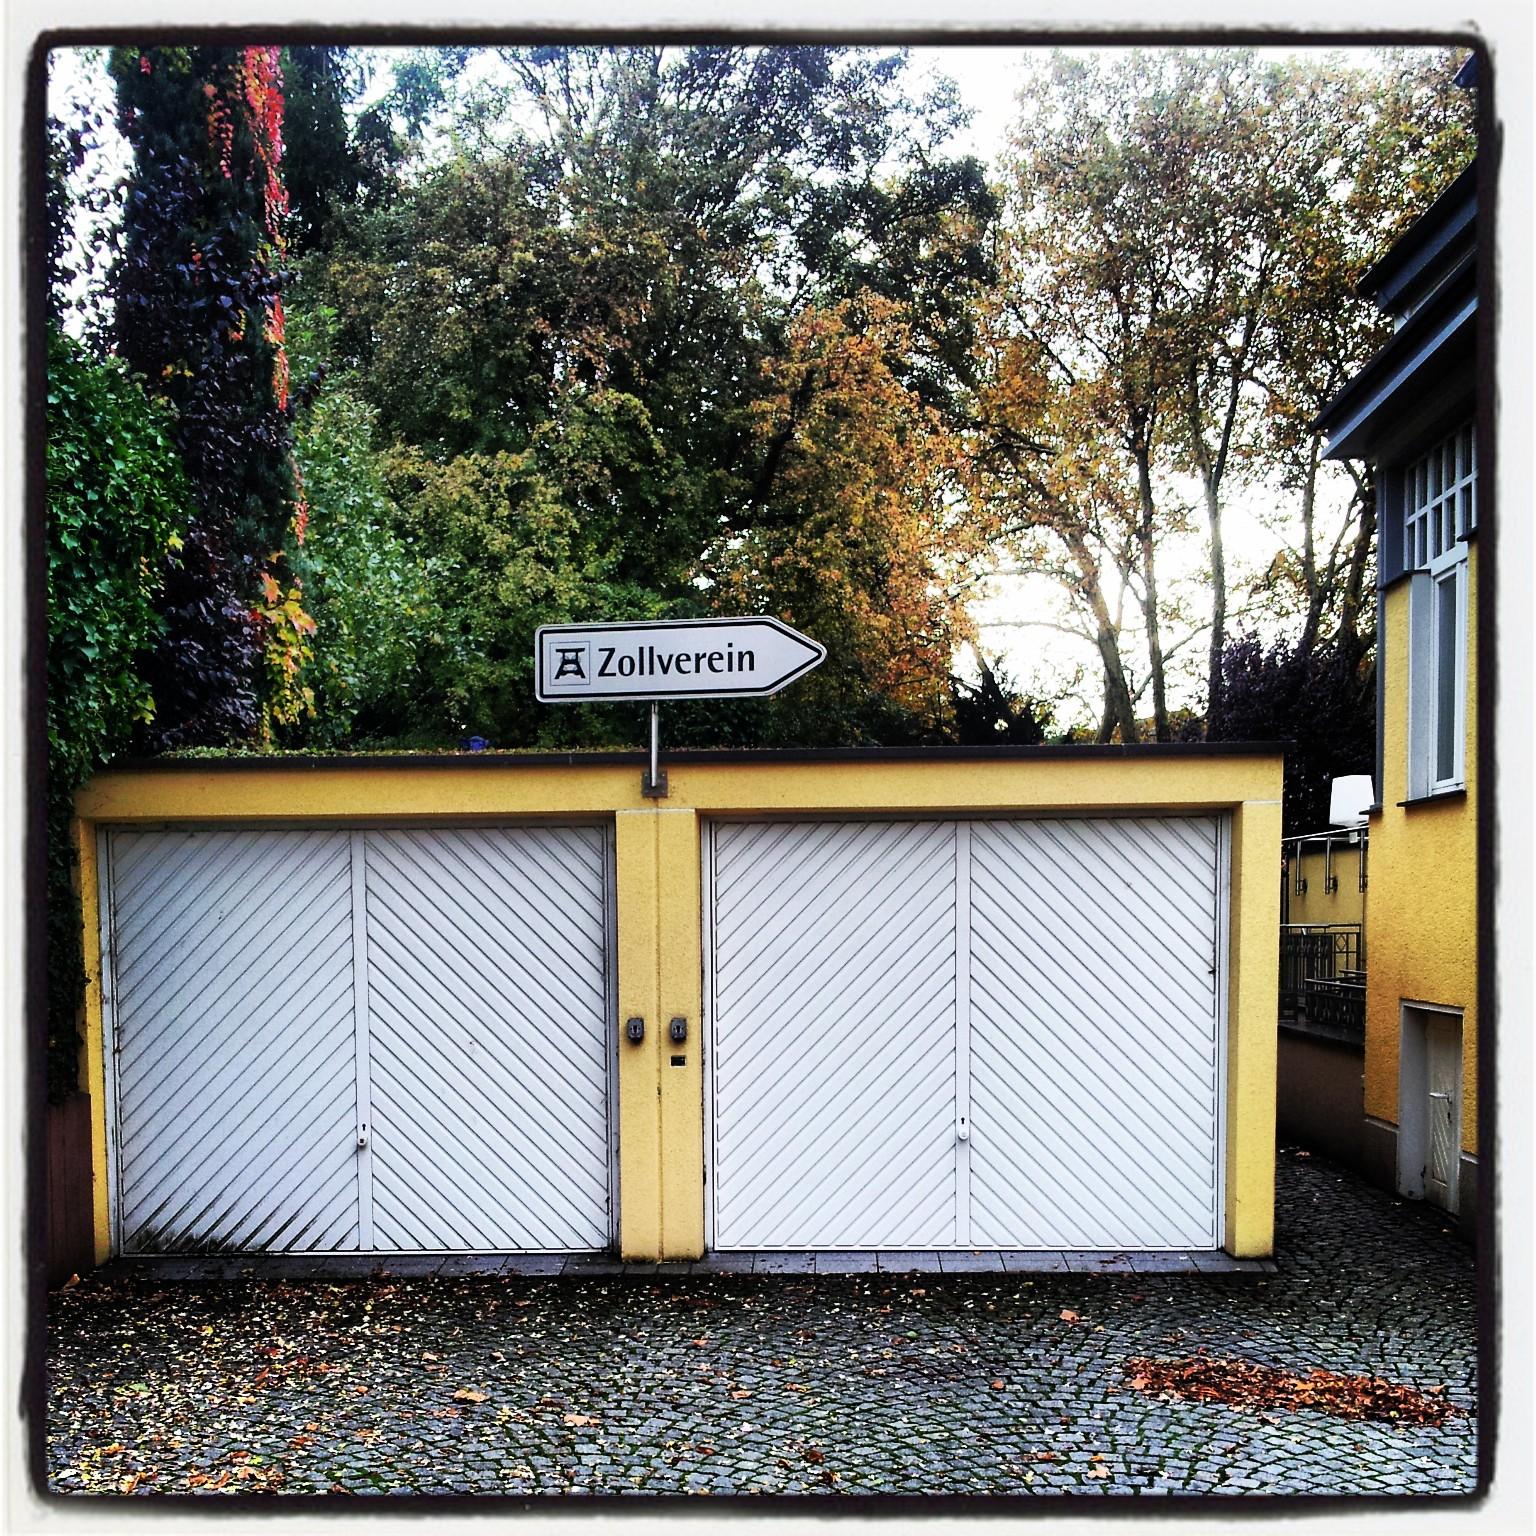 Wegweiser auf einer Garage - Zeche Zollverein